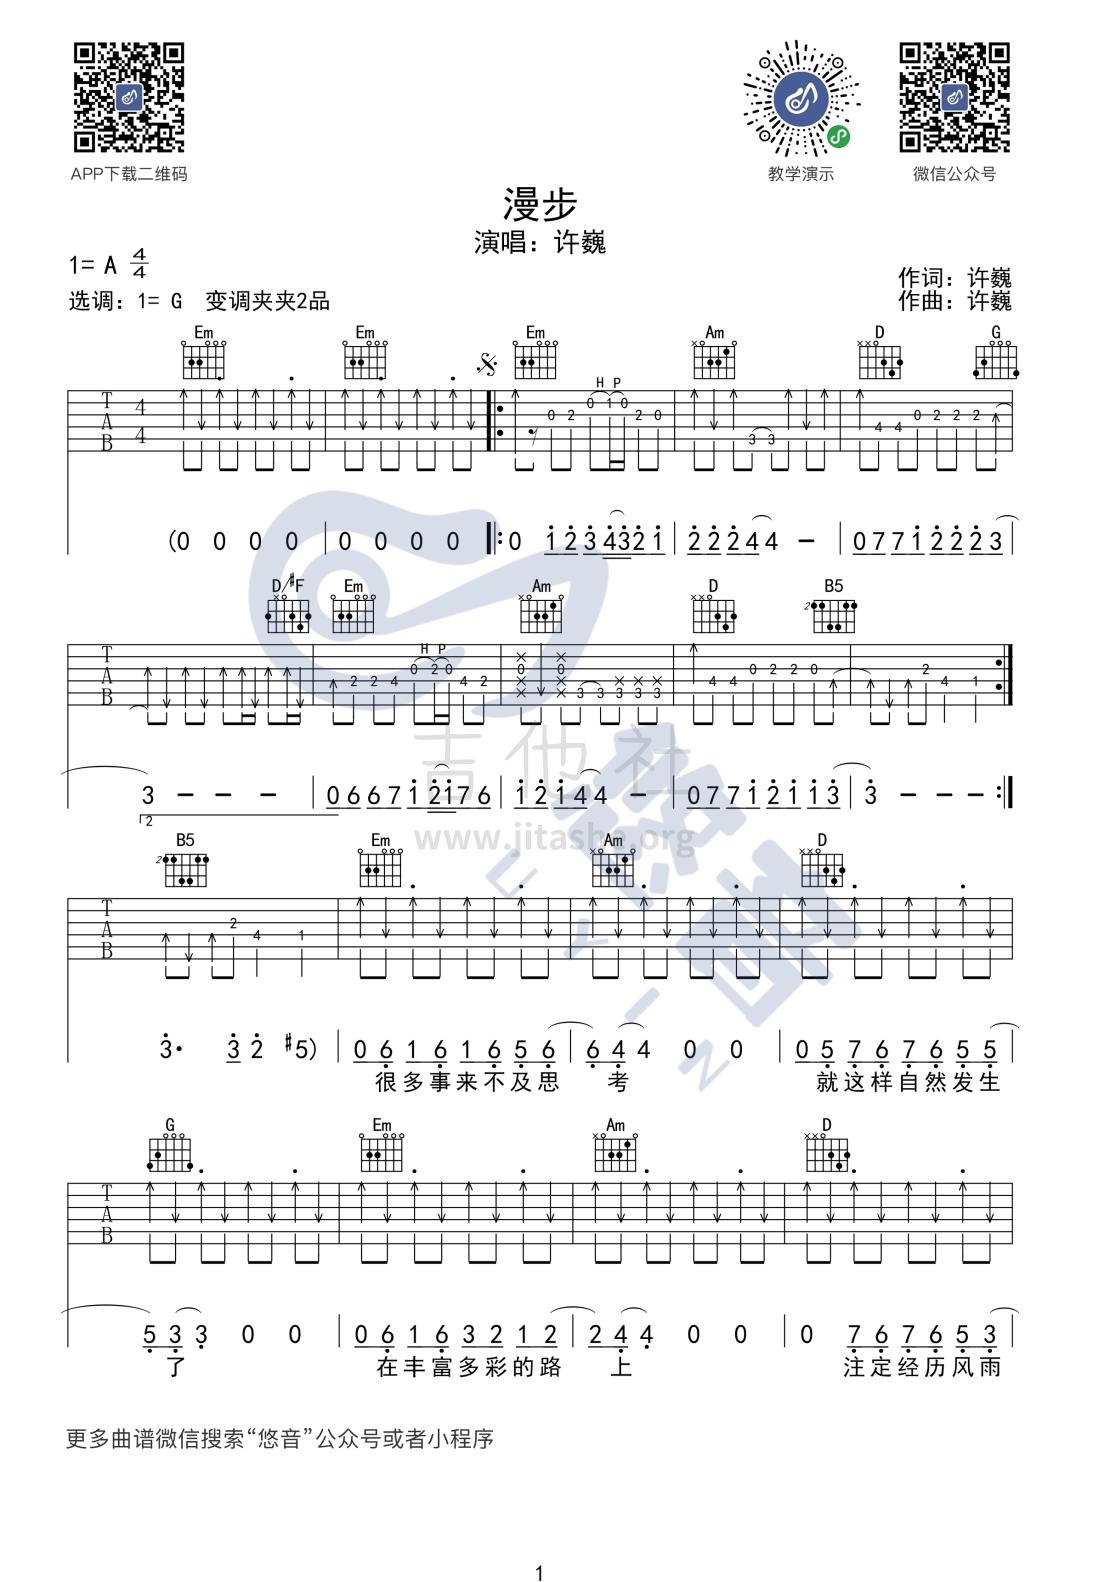 漫步吉他谱(图片谱,弹唱,G调)_许巍_漫步_UYIN_1.png